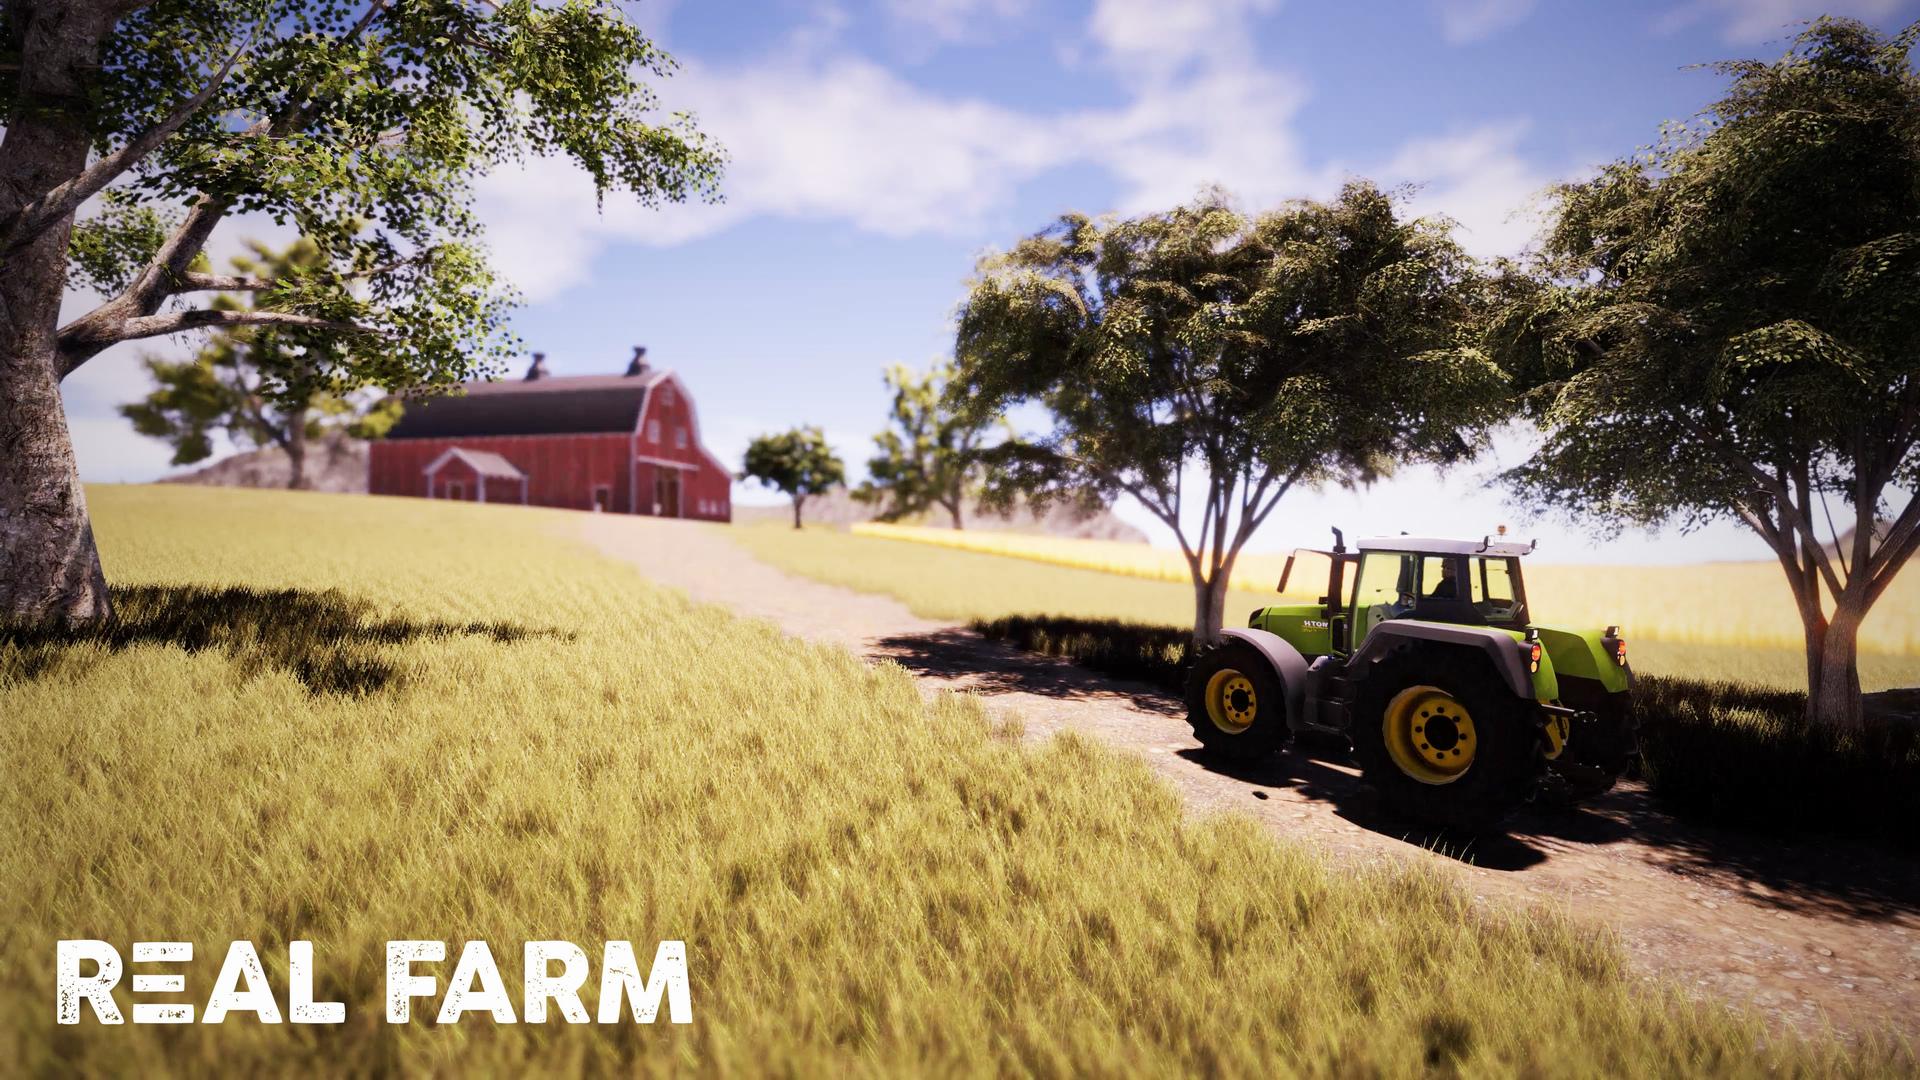 Výzva na venkově v Real Farm 149640